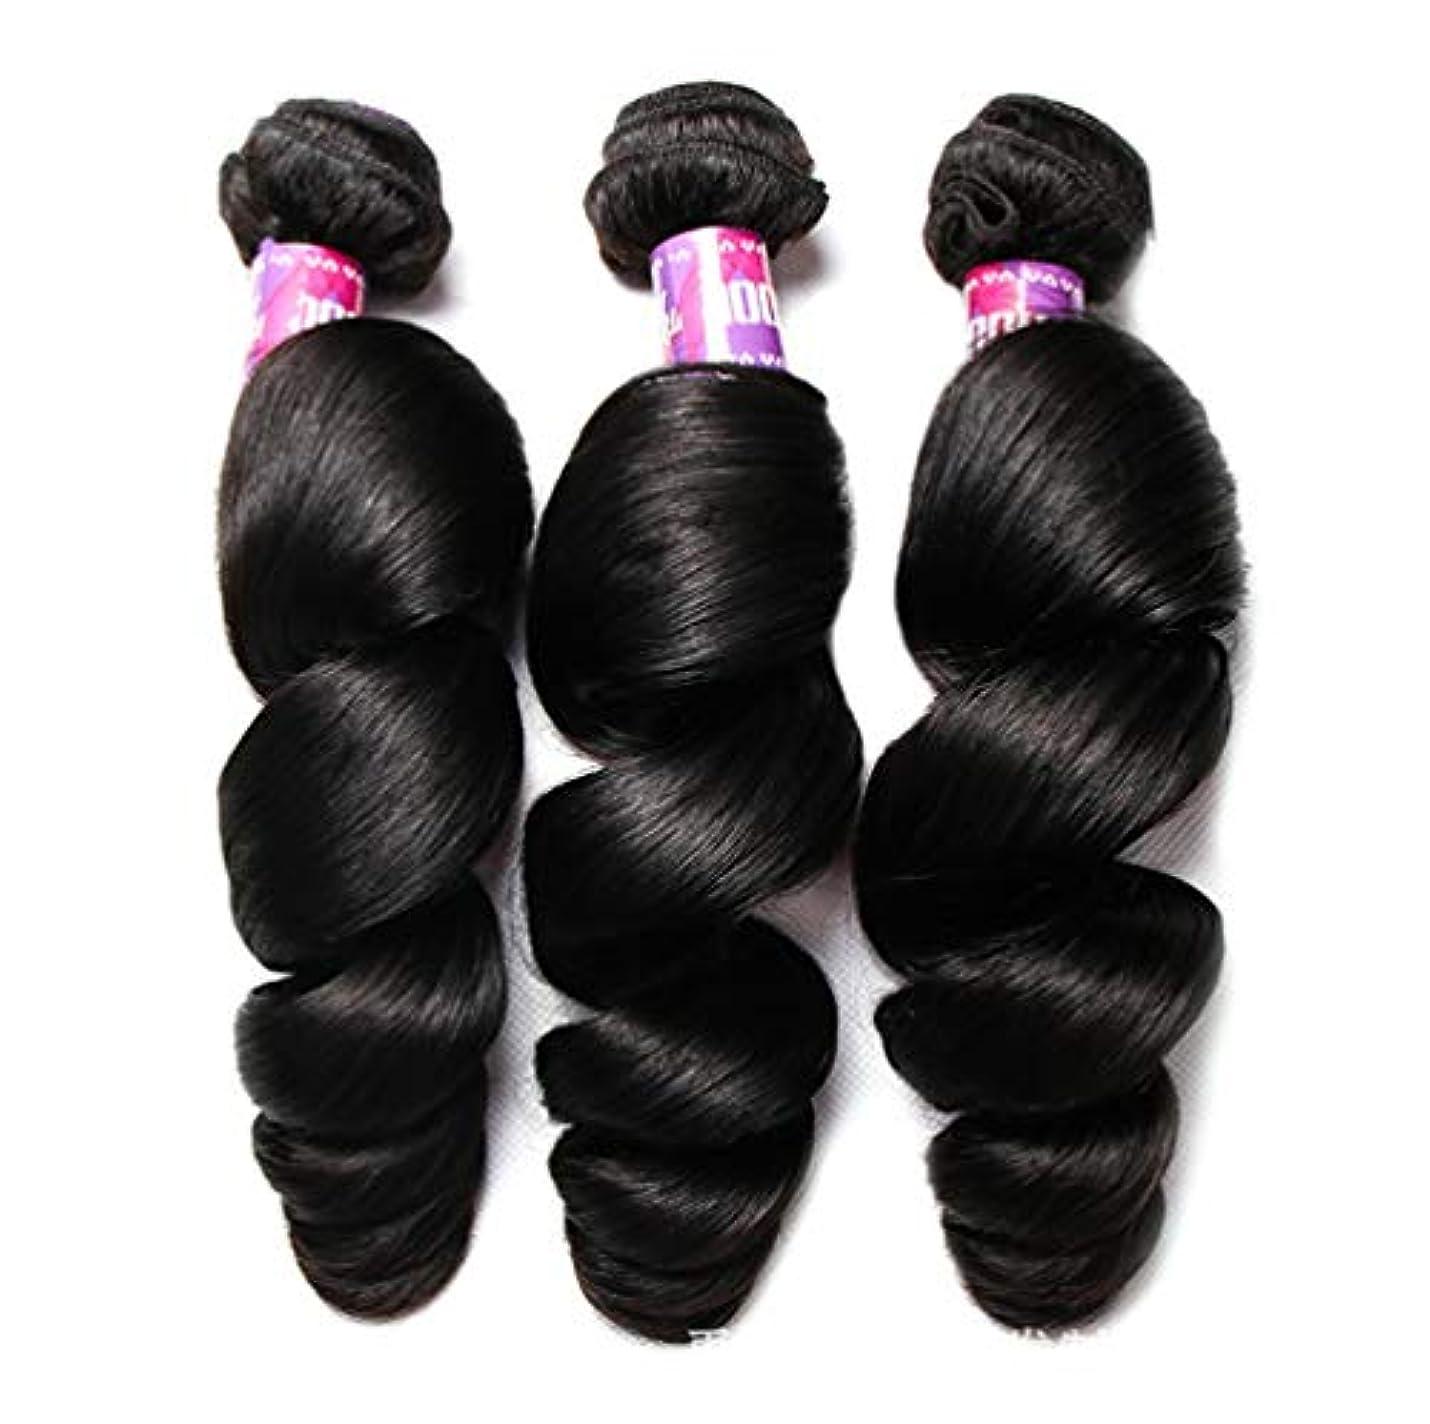 聖職者熟考するカップルブラジルのボディウェーブの毛100%Remyの人間の毛髪の織り方延長未処理のバージンのブラジルの毛(3束)